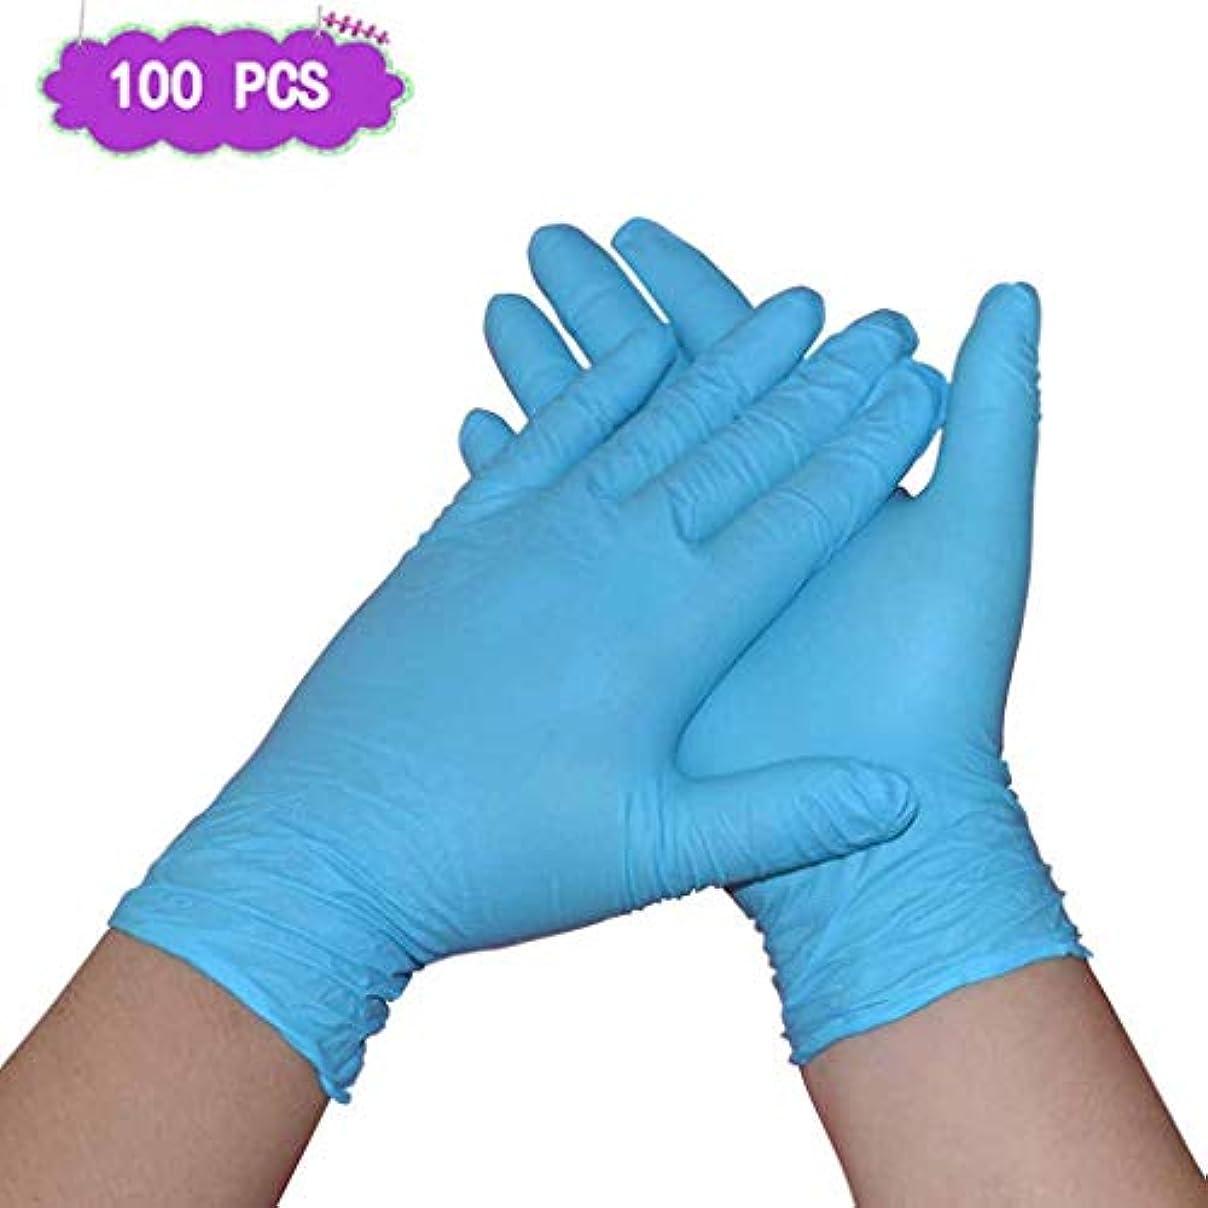 セラフページェントシンボルニトリル手袋9インチ厚い青いラテックスゴム家事美防水酸とアルカリの義務試験手袋|病院、法執行機関向けのプロフェッショナルグレード (Size : L)